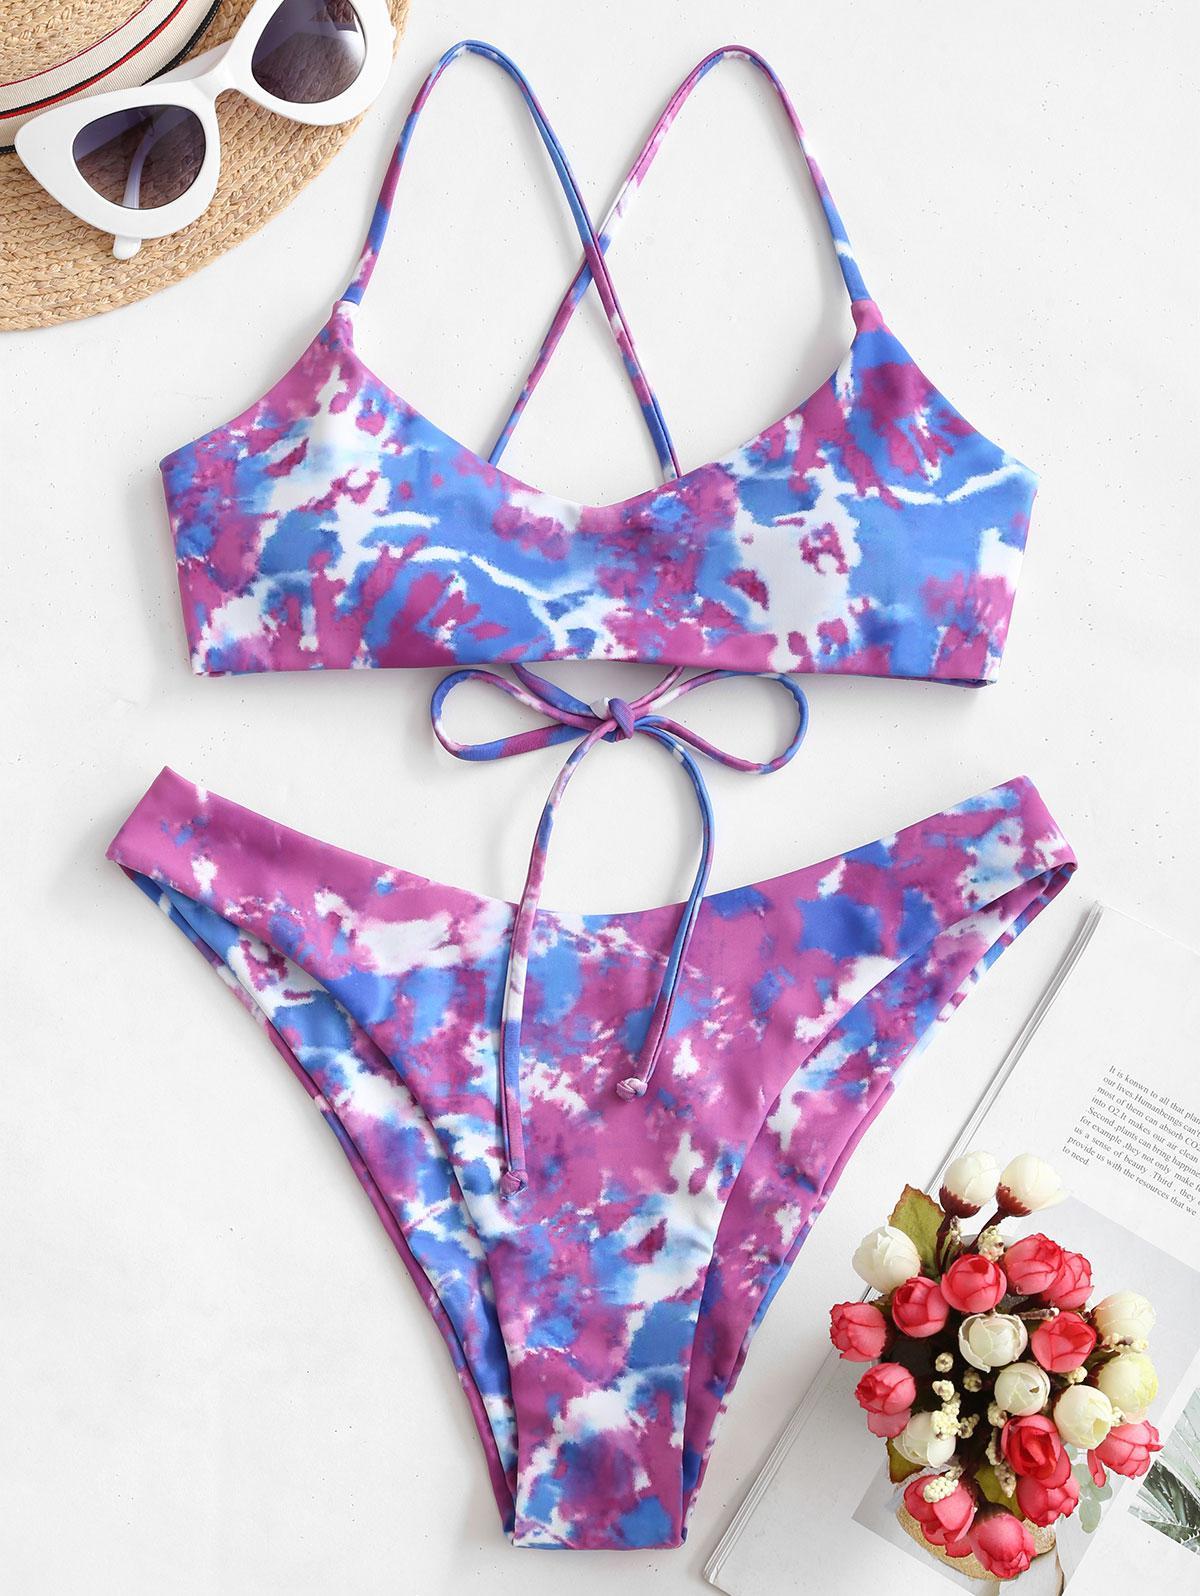 ZAFUL Tie Dye Crisscross High Cut Bikini Swimsuit фото